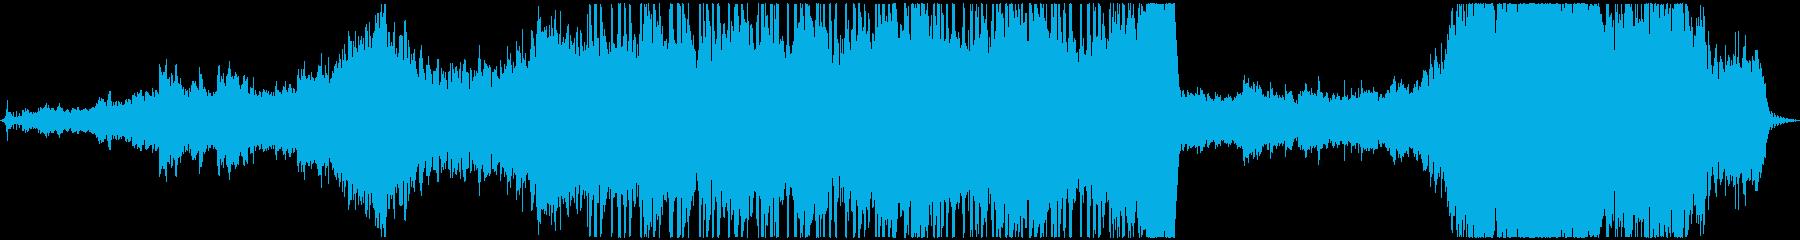 エレクトロ 交響曲 モダン 実験的...の再生済みの波形